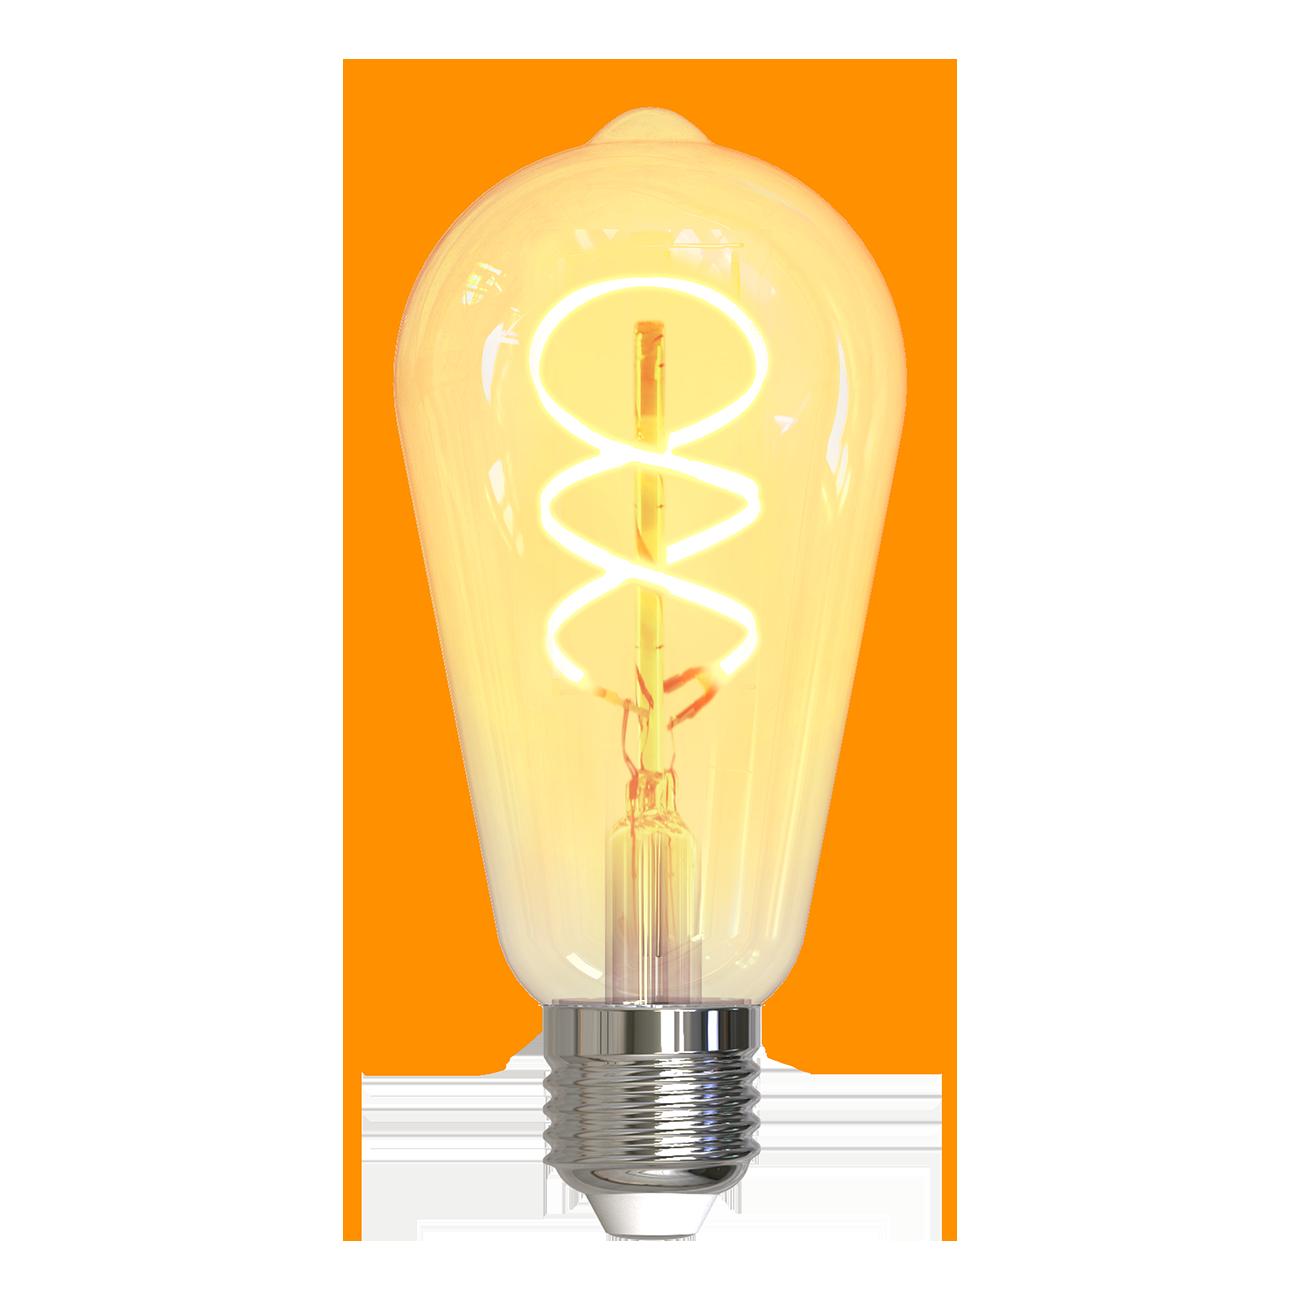 DELTACO SMART HOME Filament LED-lampa, E27, WiFi, 5.5W